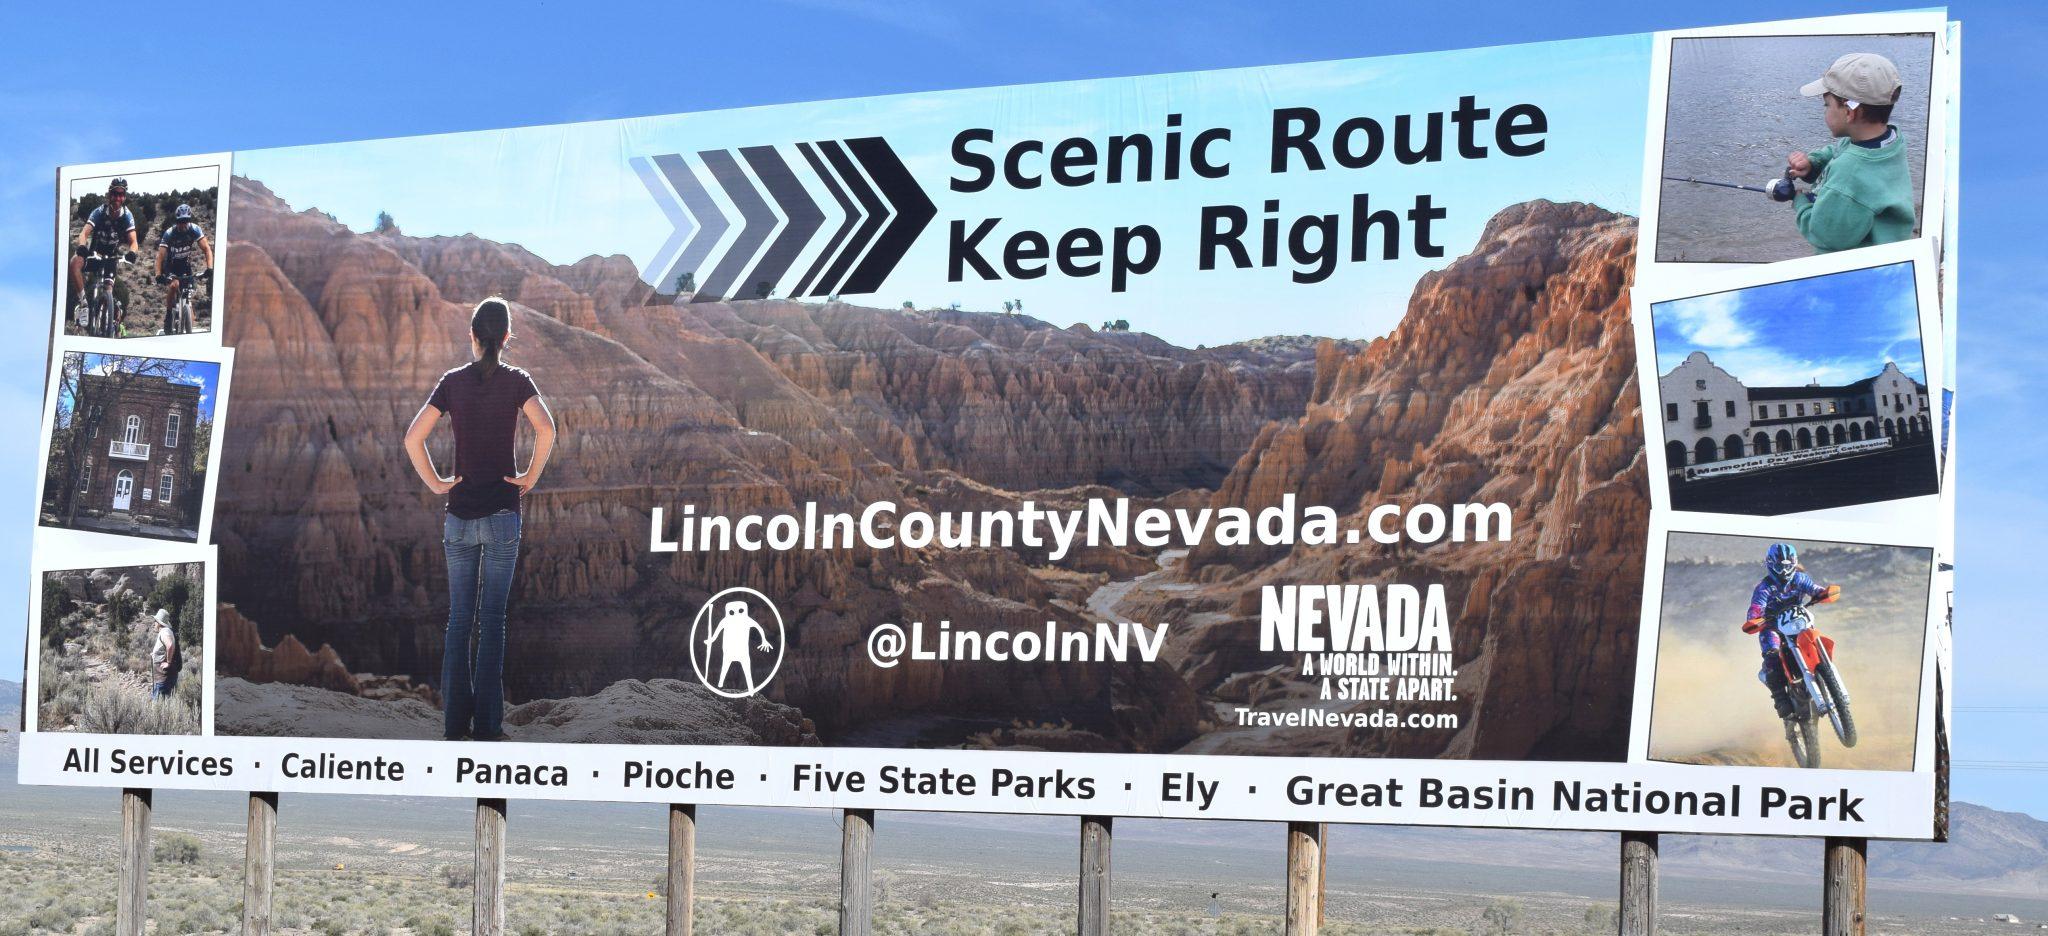 New tourism billboard installed